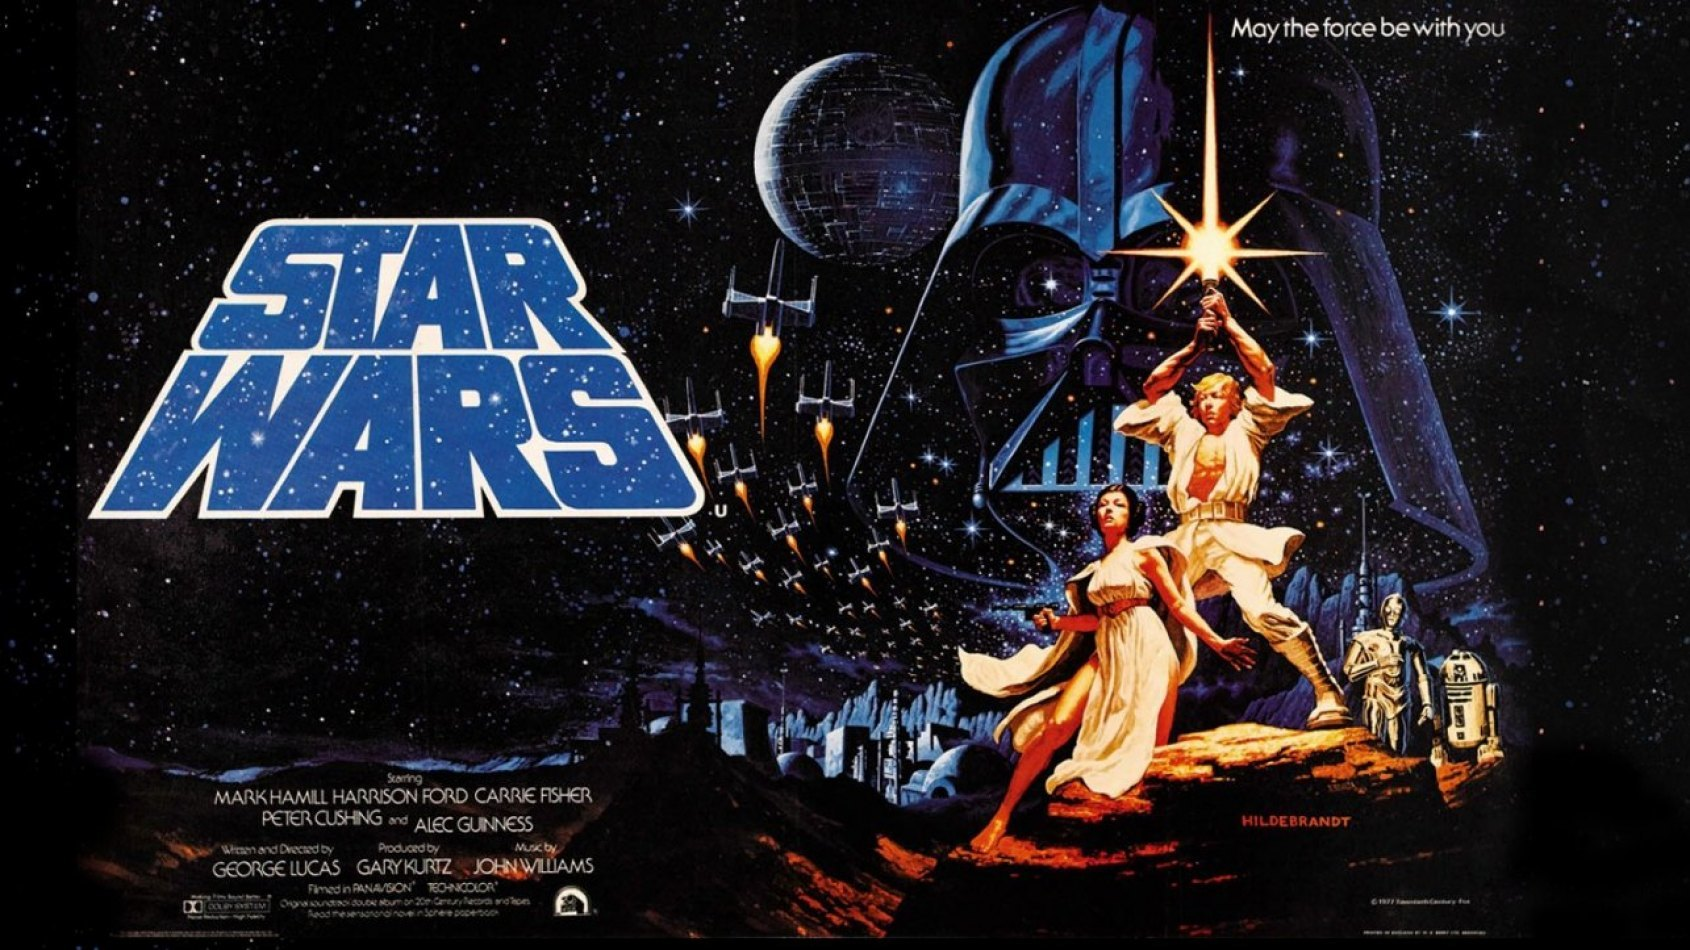 25 mai 1977 : sortie de l'épisode IV de la saga Star Wars